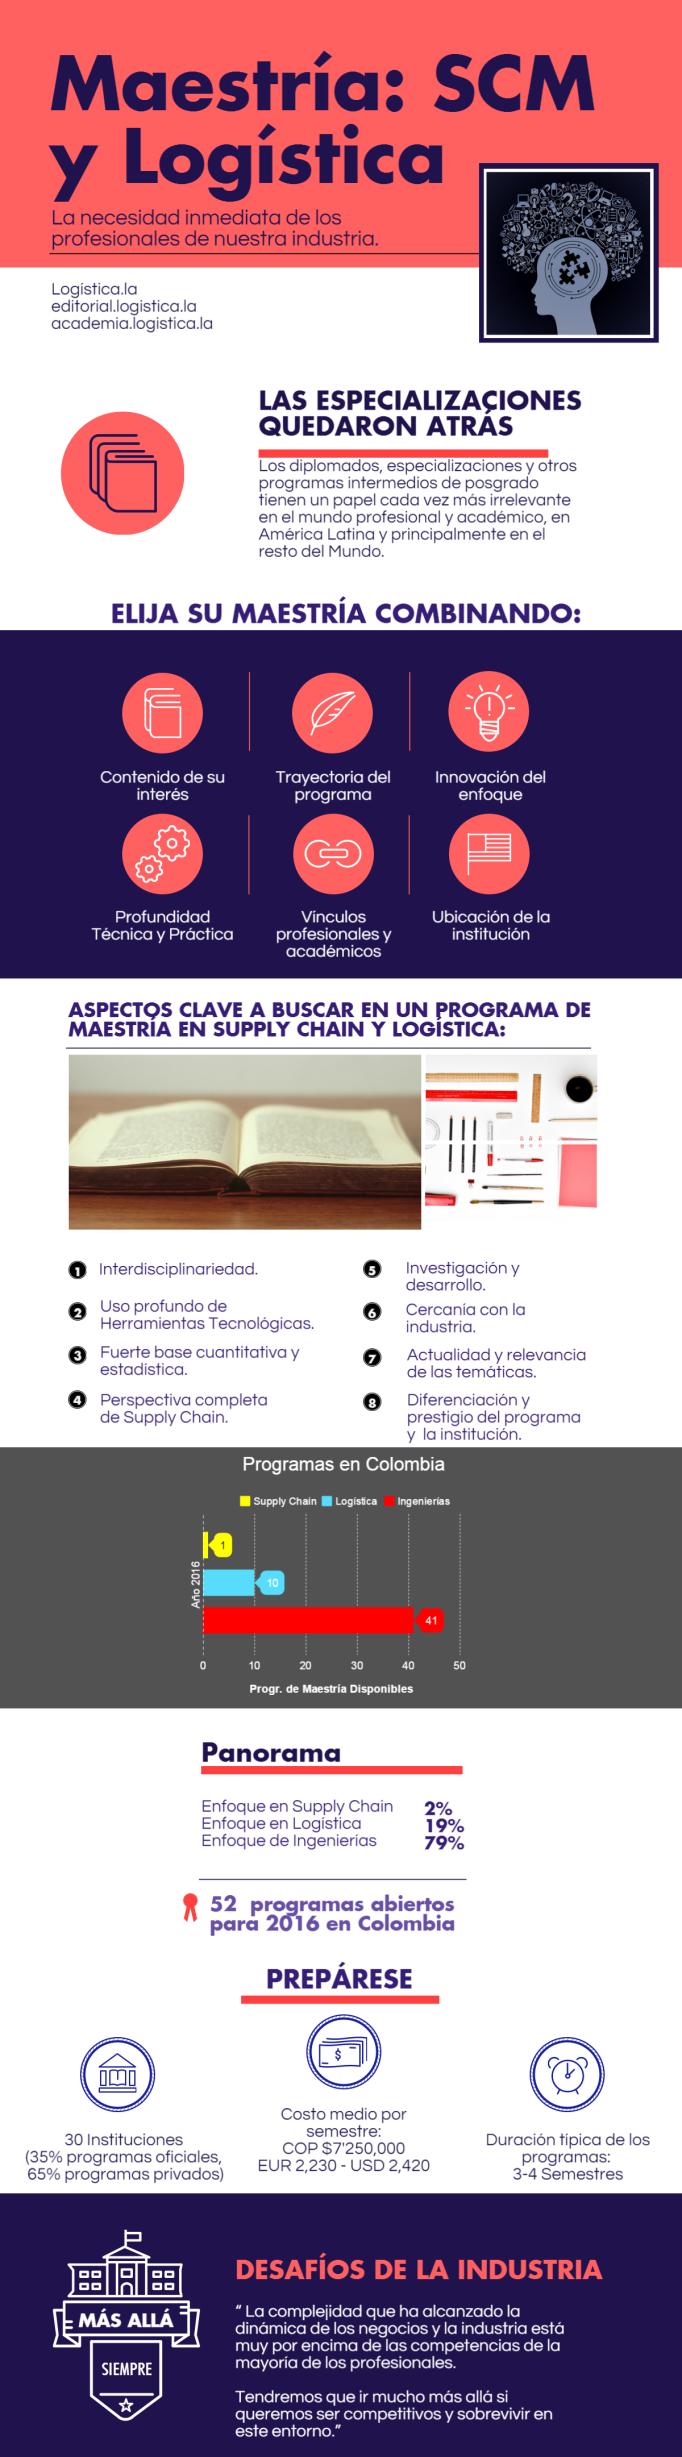 Maestrías en Colombia 2016 logística y supply chain